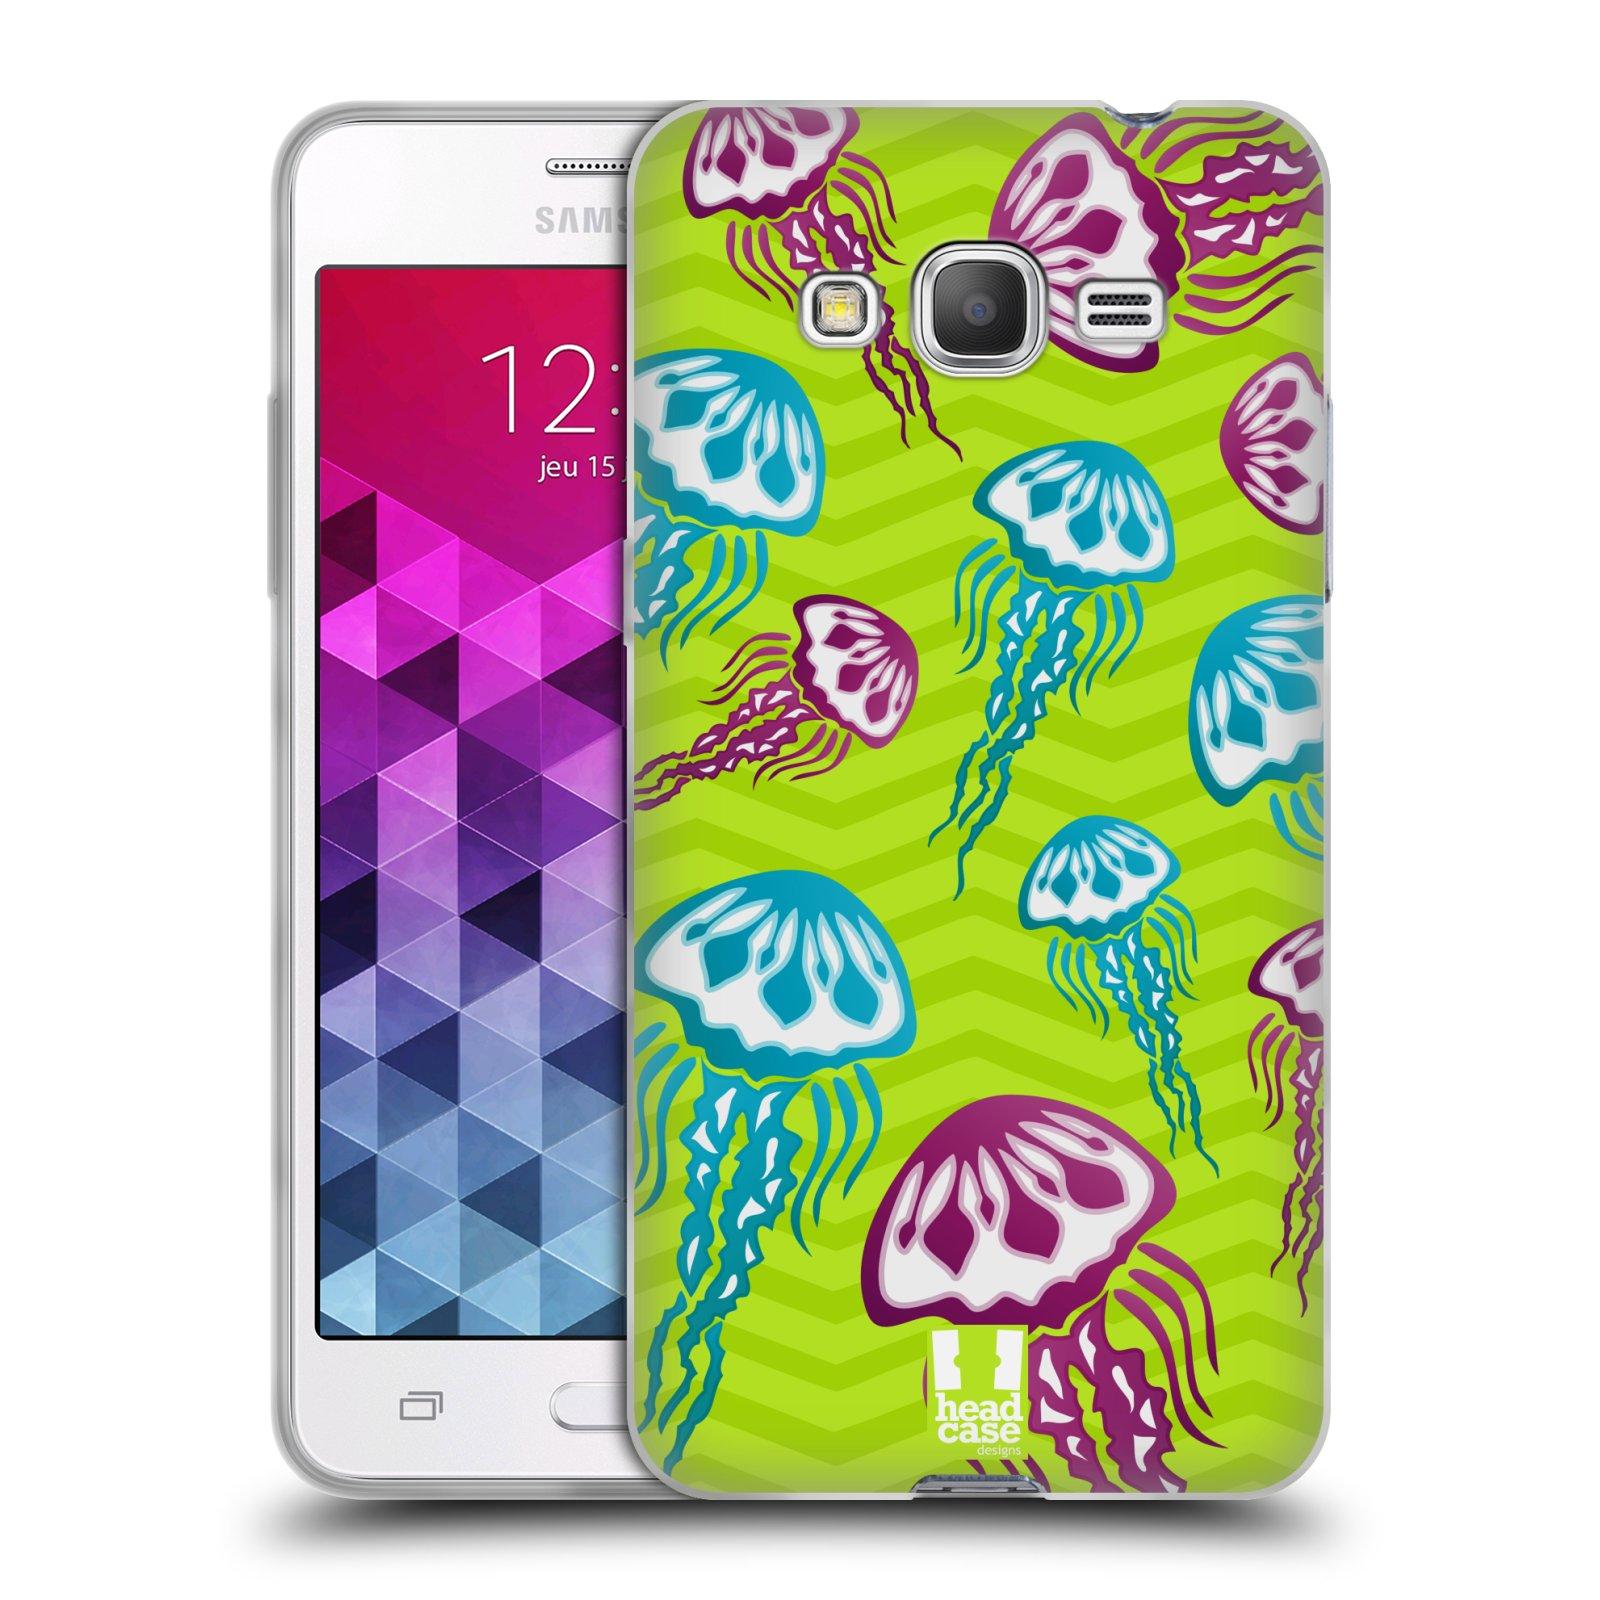 HEAD CASE silikonový obal na mobil Samsung Galaxy GRAND PRIME vzor mořský živočich medůza